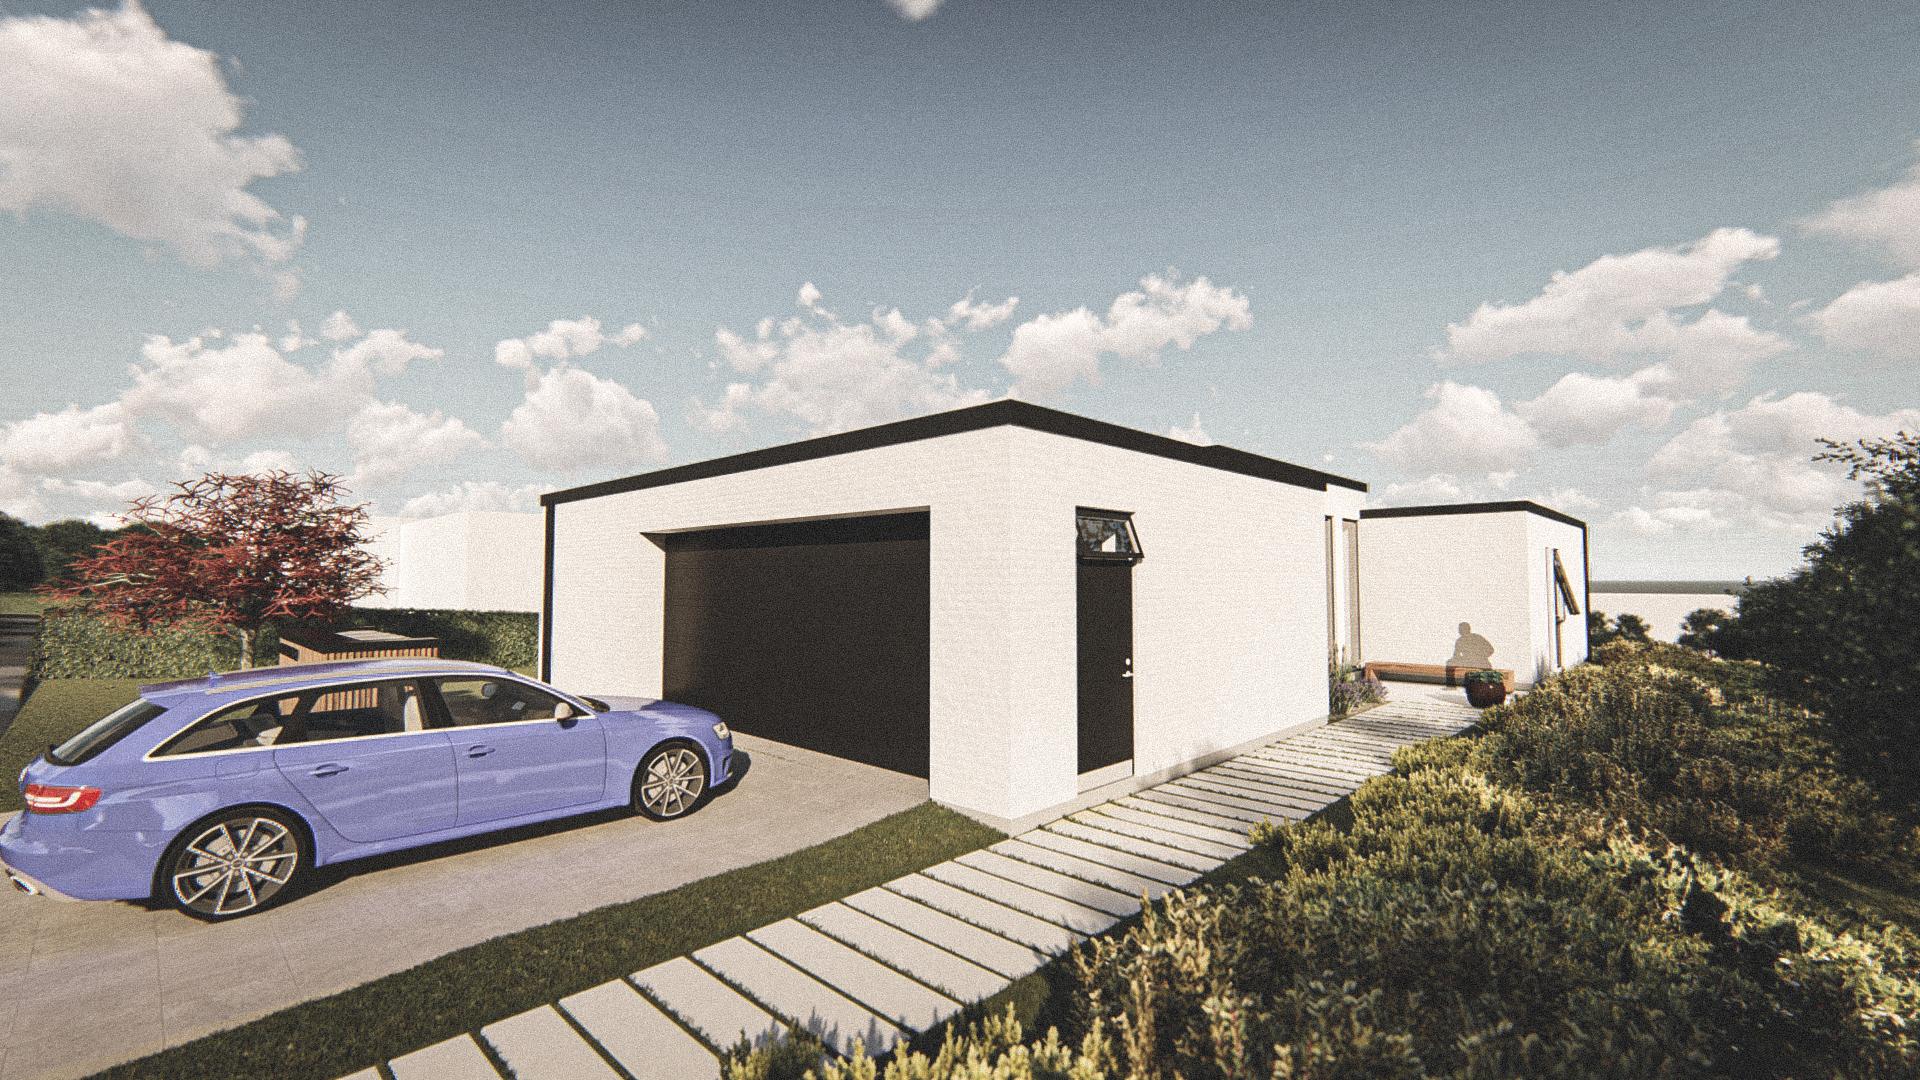 Billede af Dansk arkitekttegnet 1 plan villa af arkitektfirmaet m2plus, i Løgstør på 190 kvartratmeter.